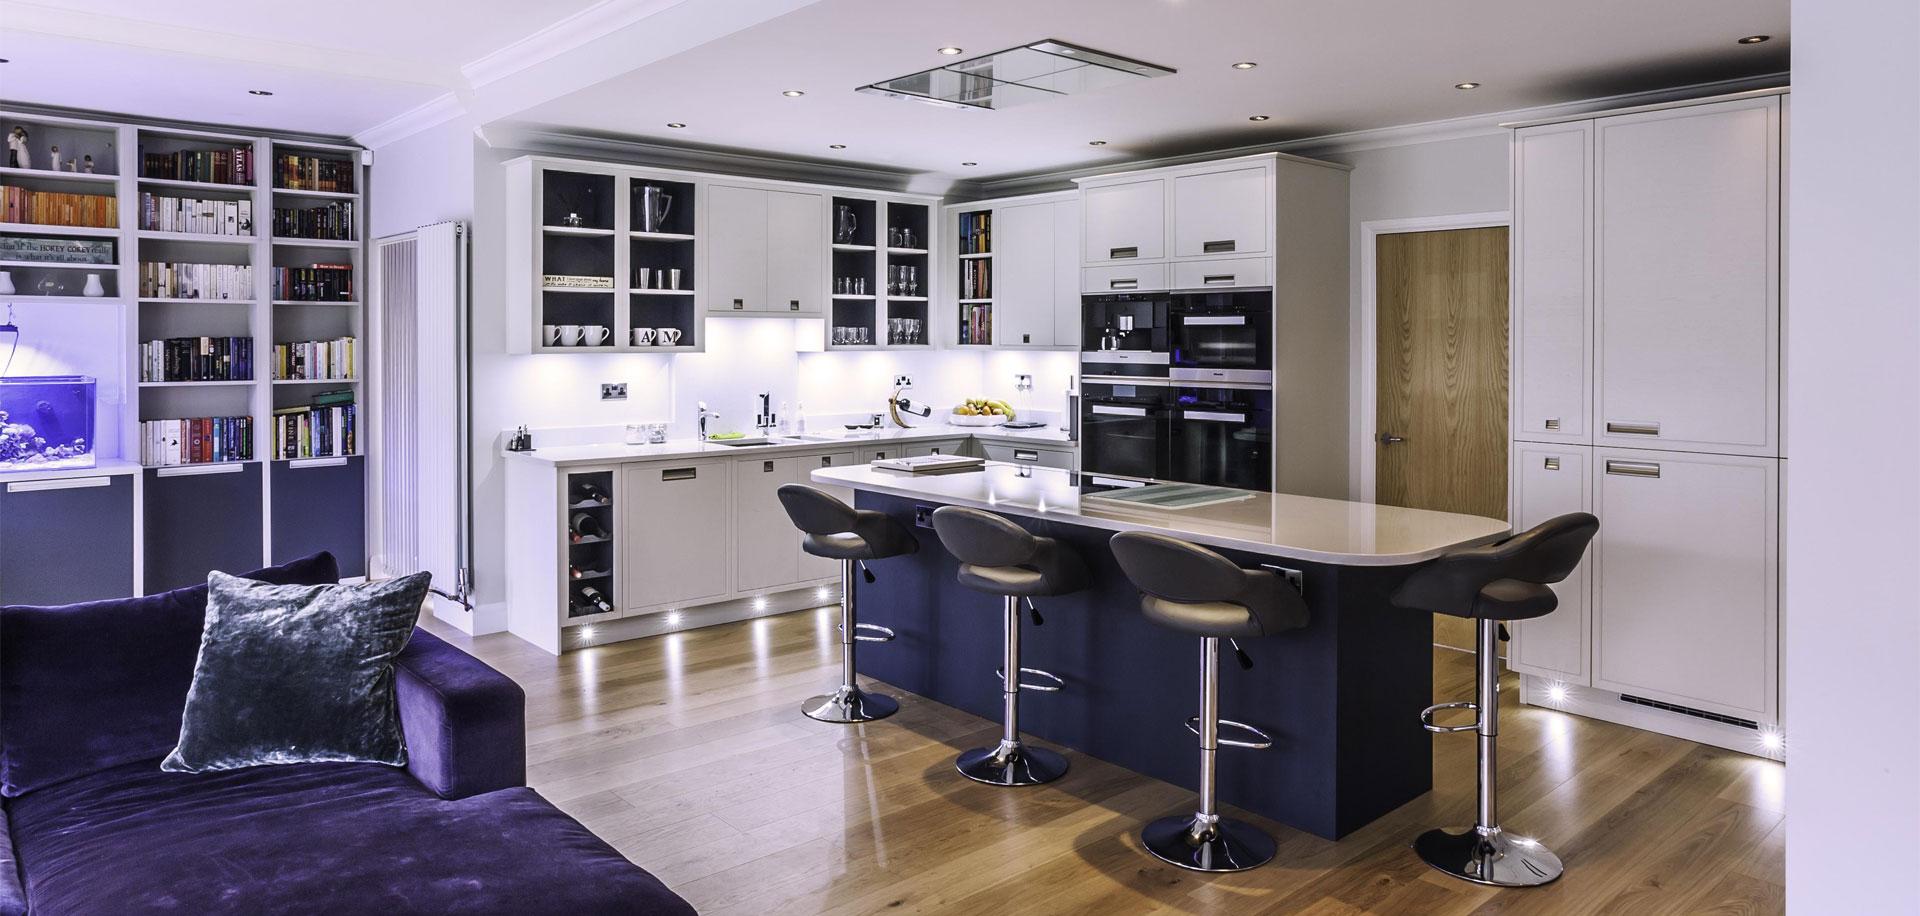 Kitchen Designers & Installers Essex